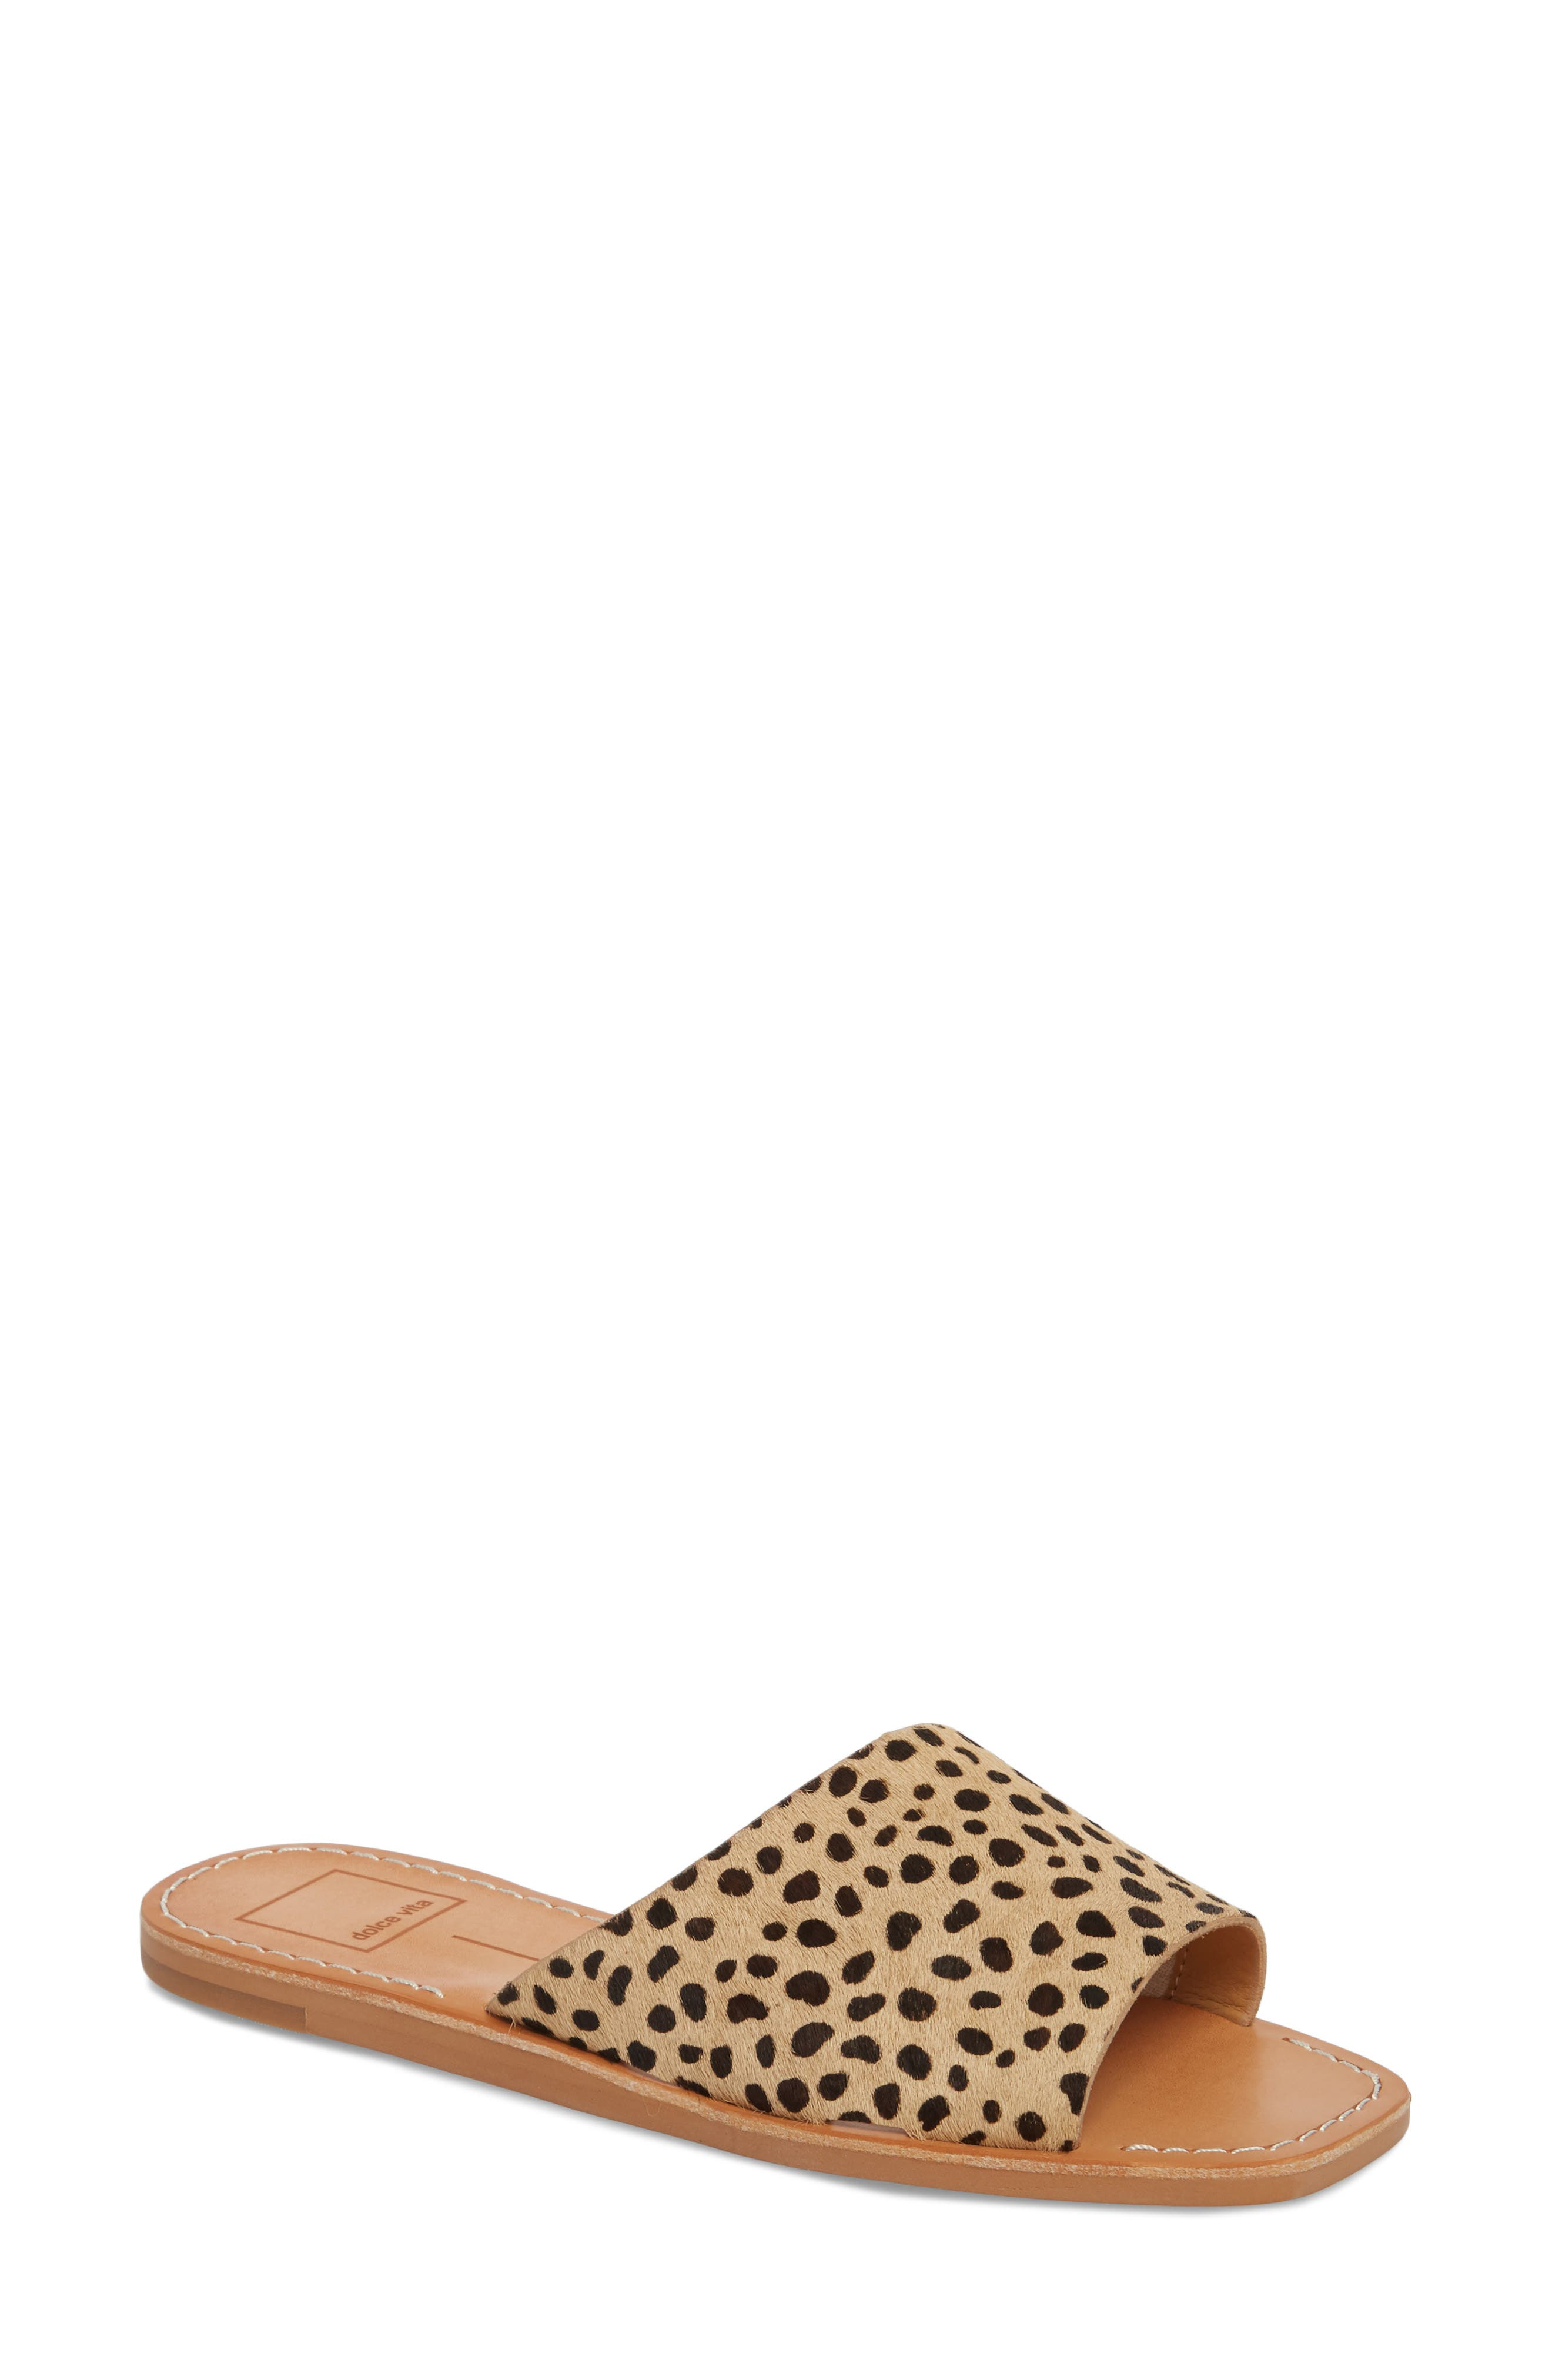 Cato Genuine Calf Hair Slide Sandal,                             Main thumbnail 1, color,                             Leopard Calf Hair